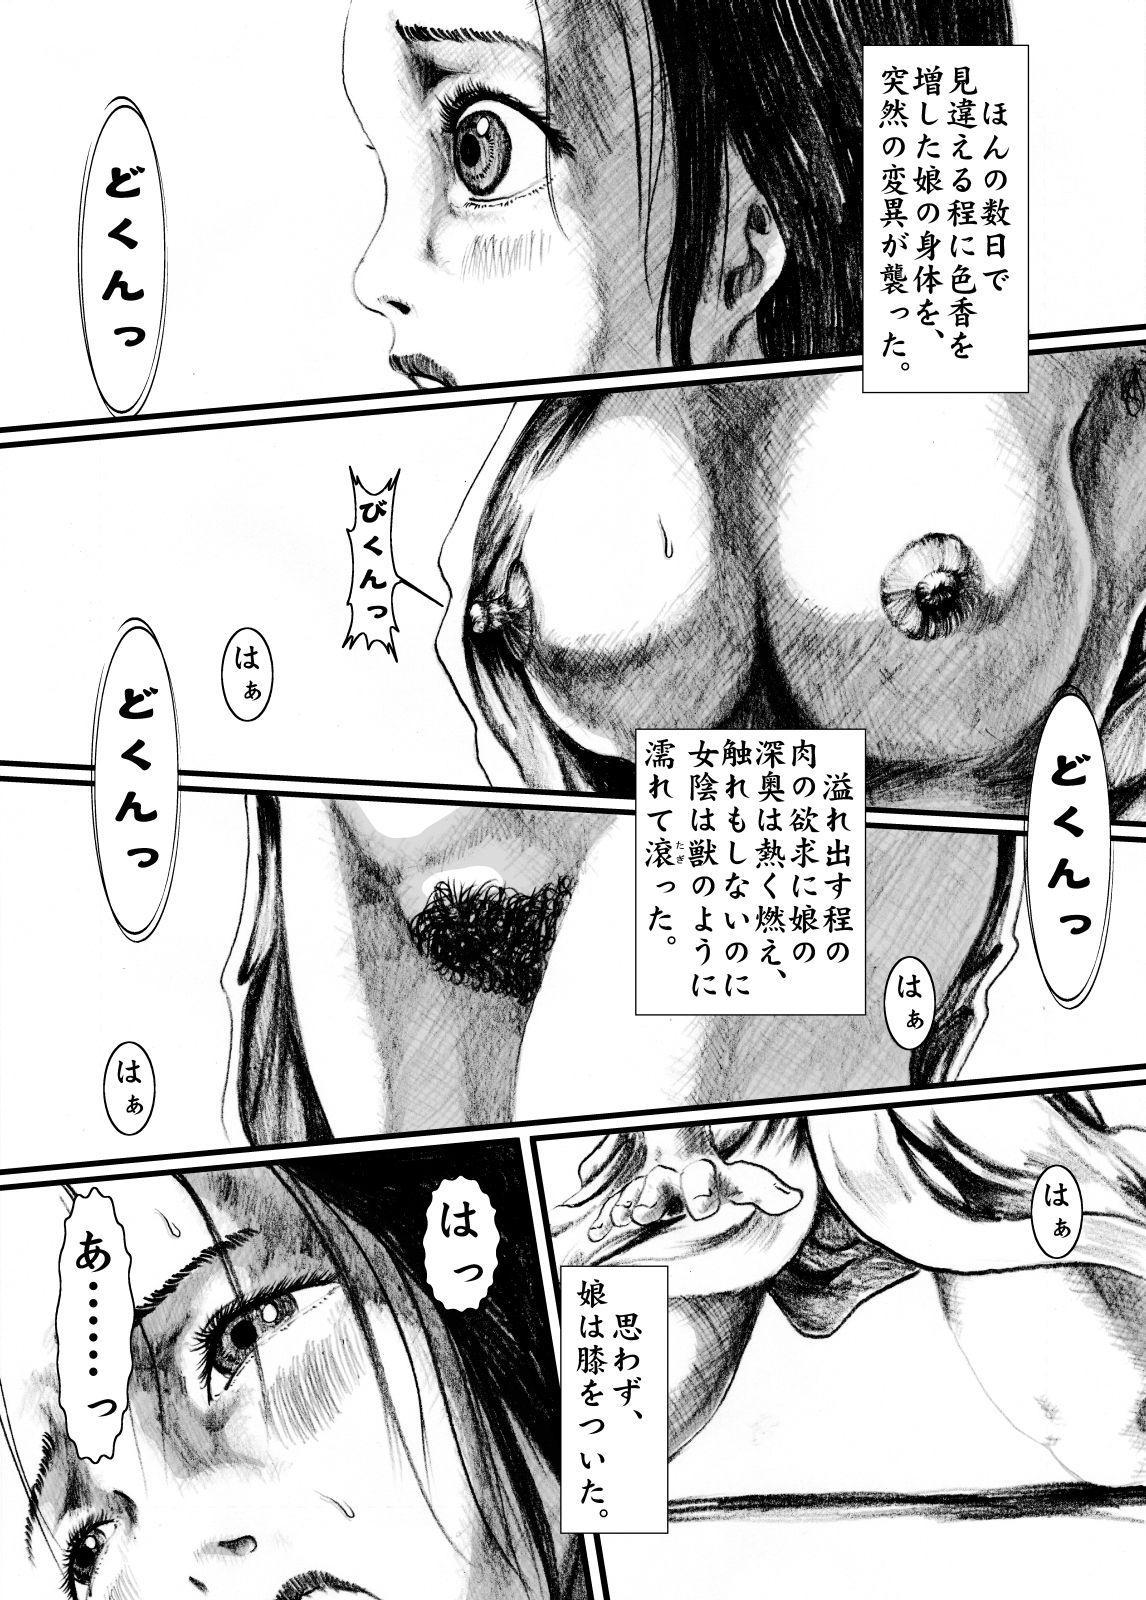 maguma no ikenie kijin-ro 18